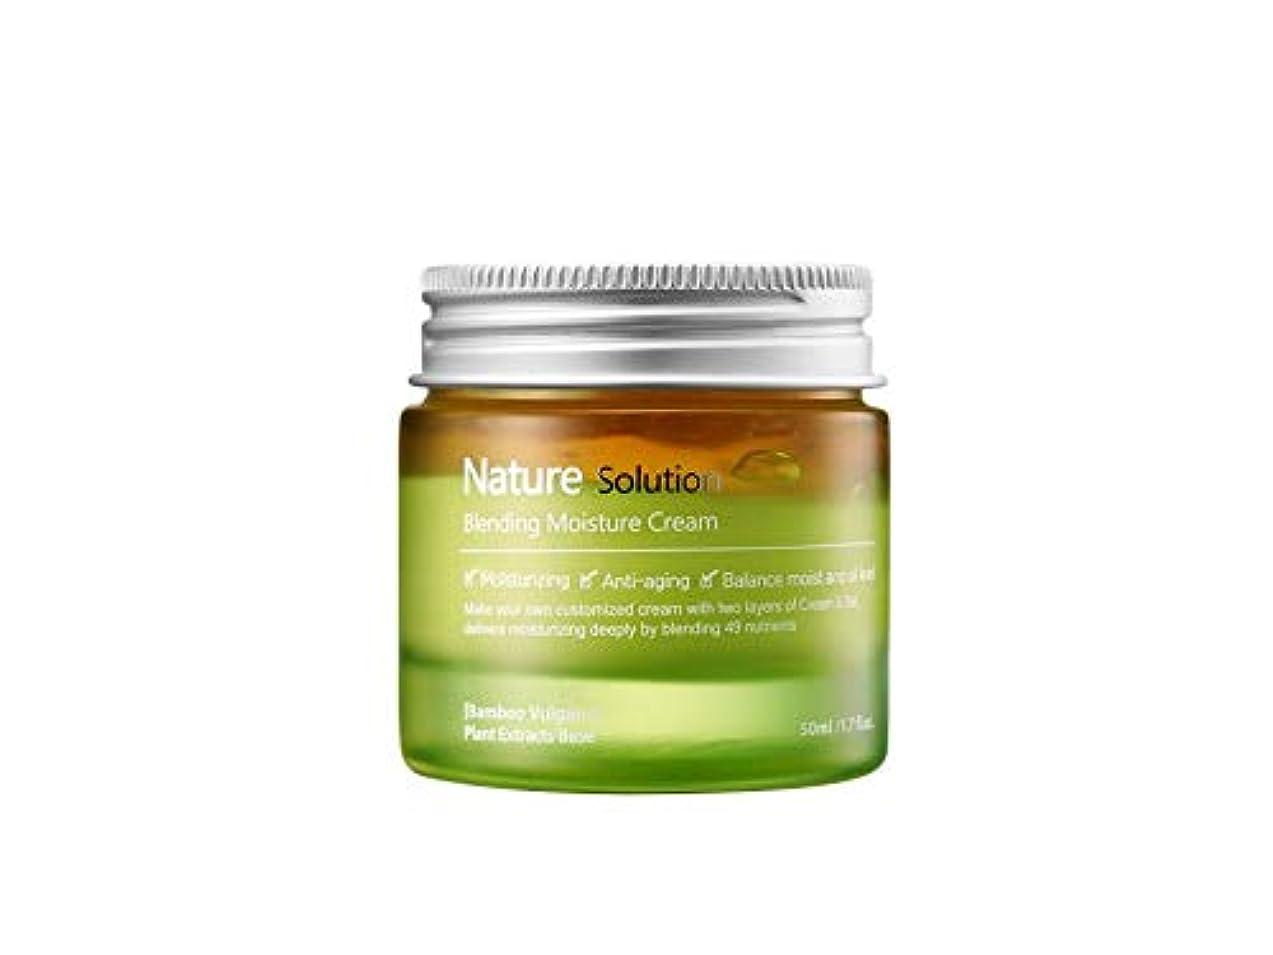 うなる少ない巧みな[THE PLANT BASE/ザプラントベース]Nature Solution Blending Moisture Cream/ネーチャーソルーションブレンディング モイスチャークリーム